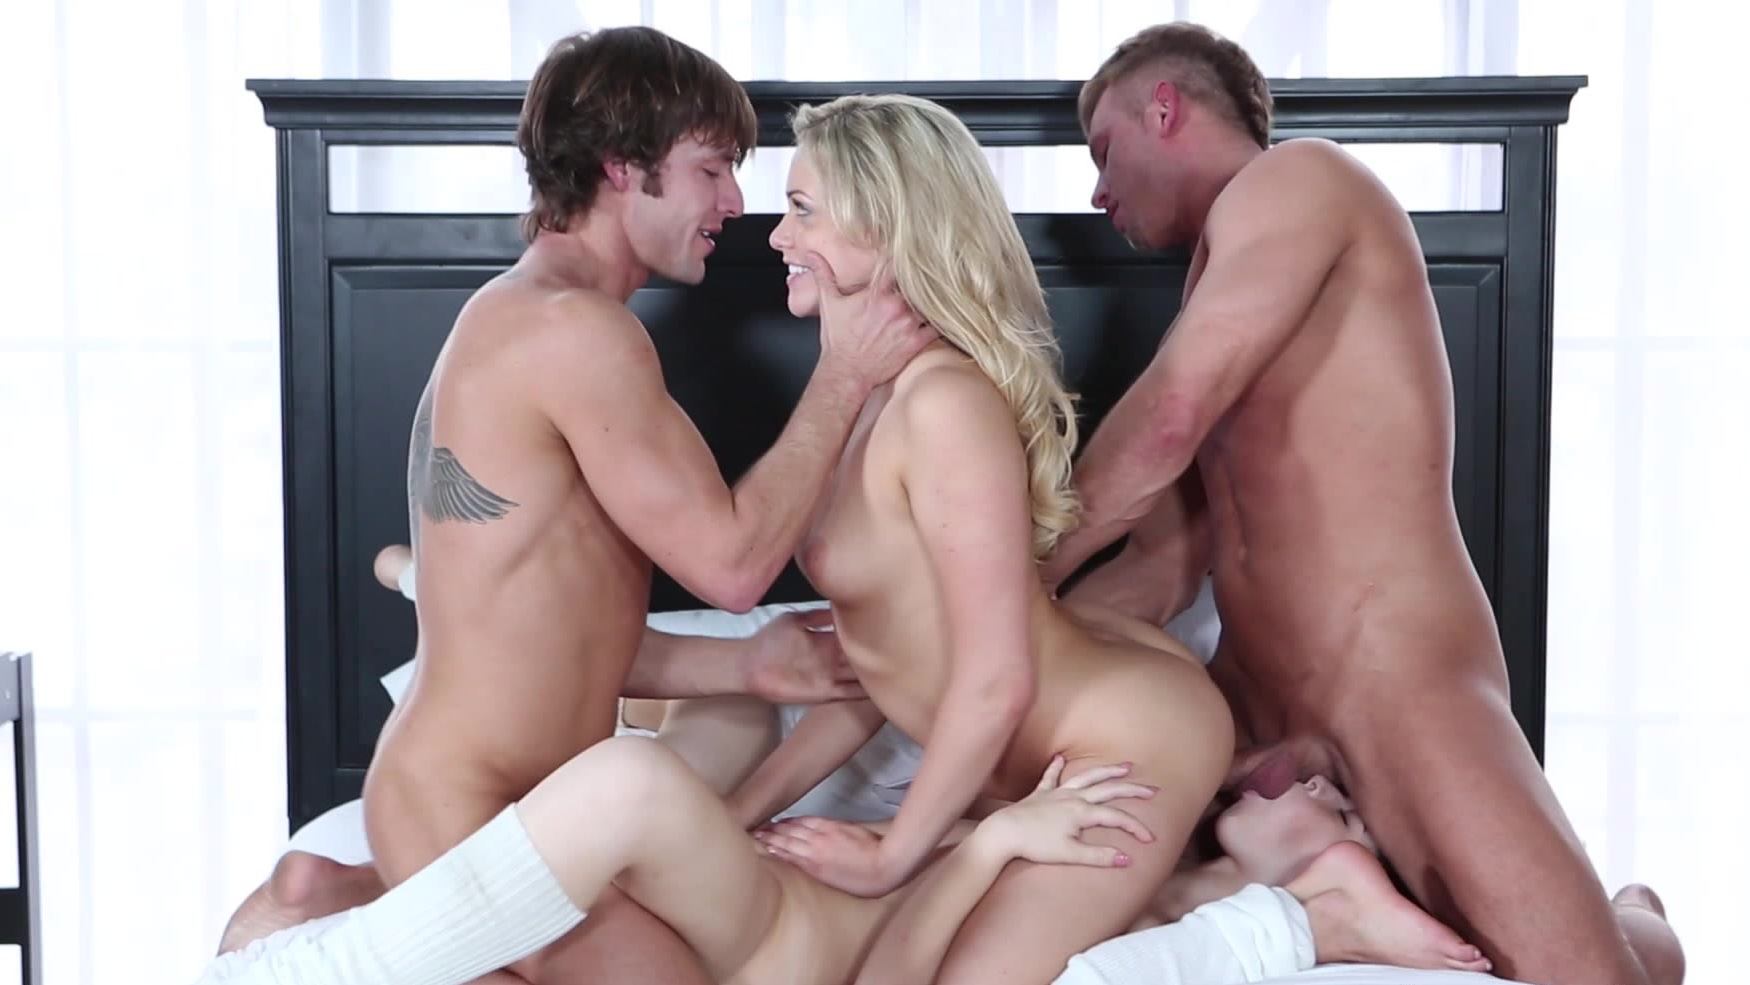 Aubrey james porn, sex pics, fuck clips